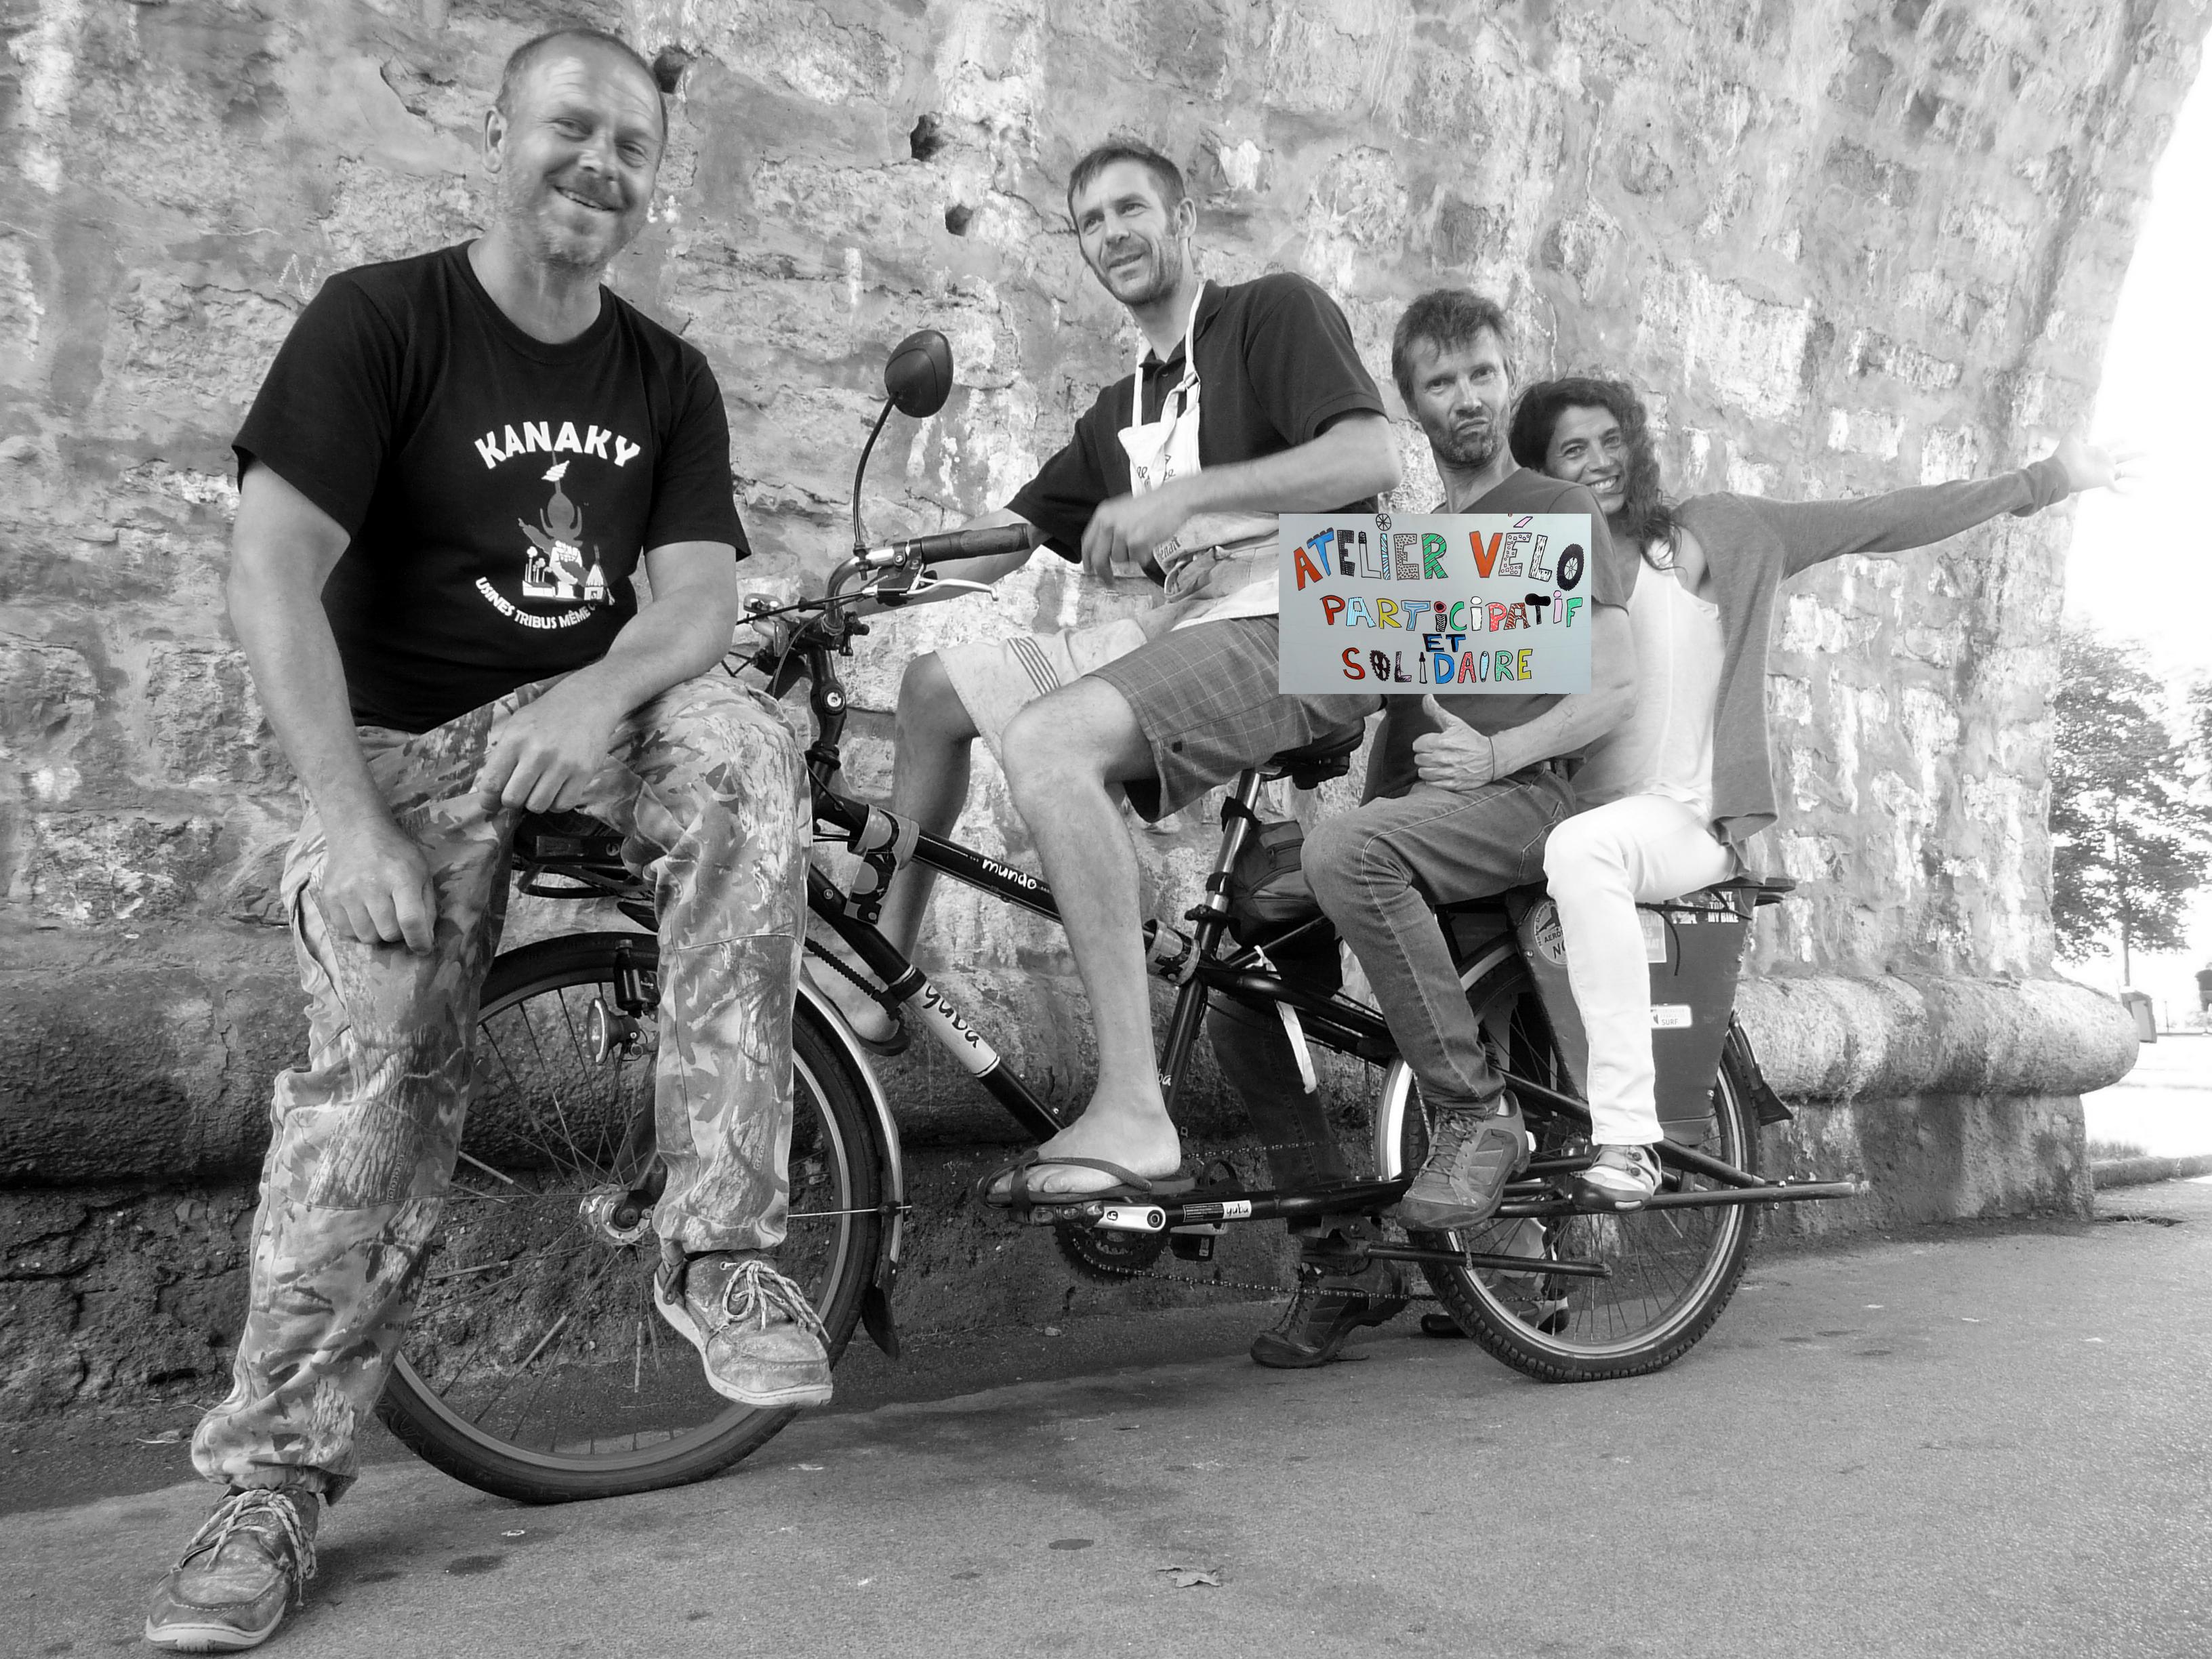 Atelier vélo participatif et solidaire